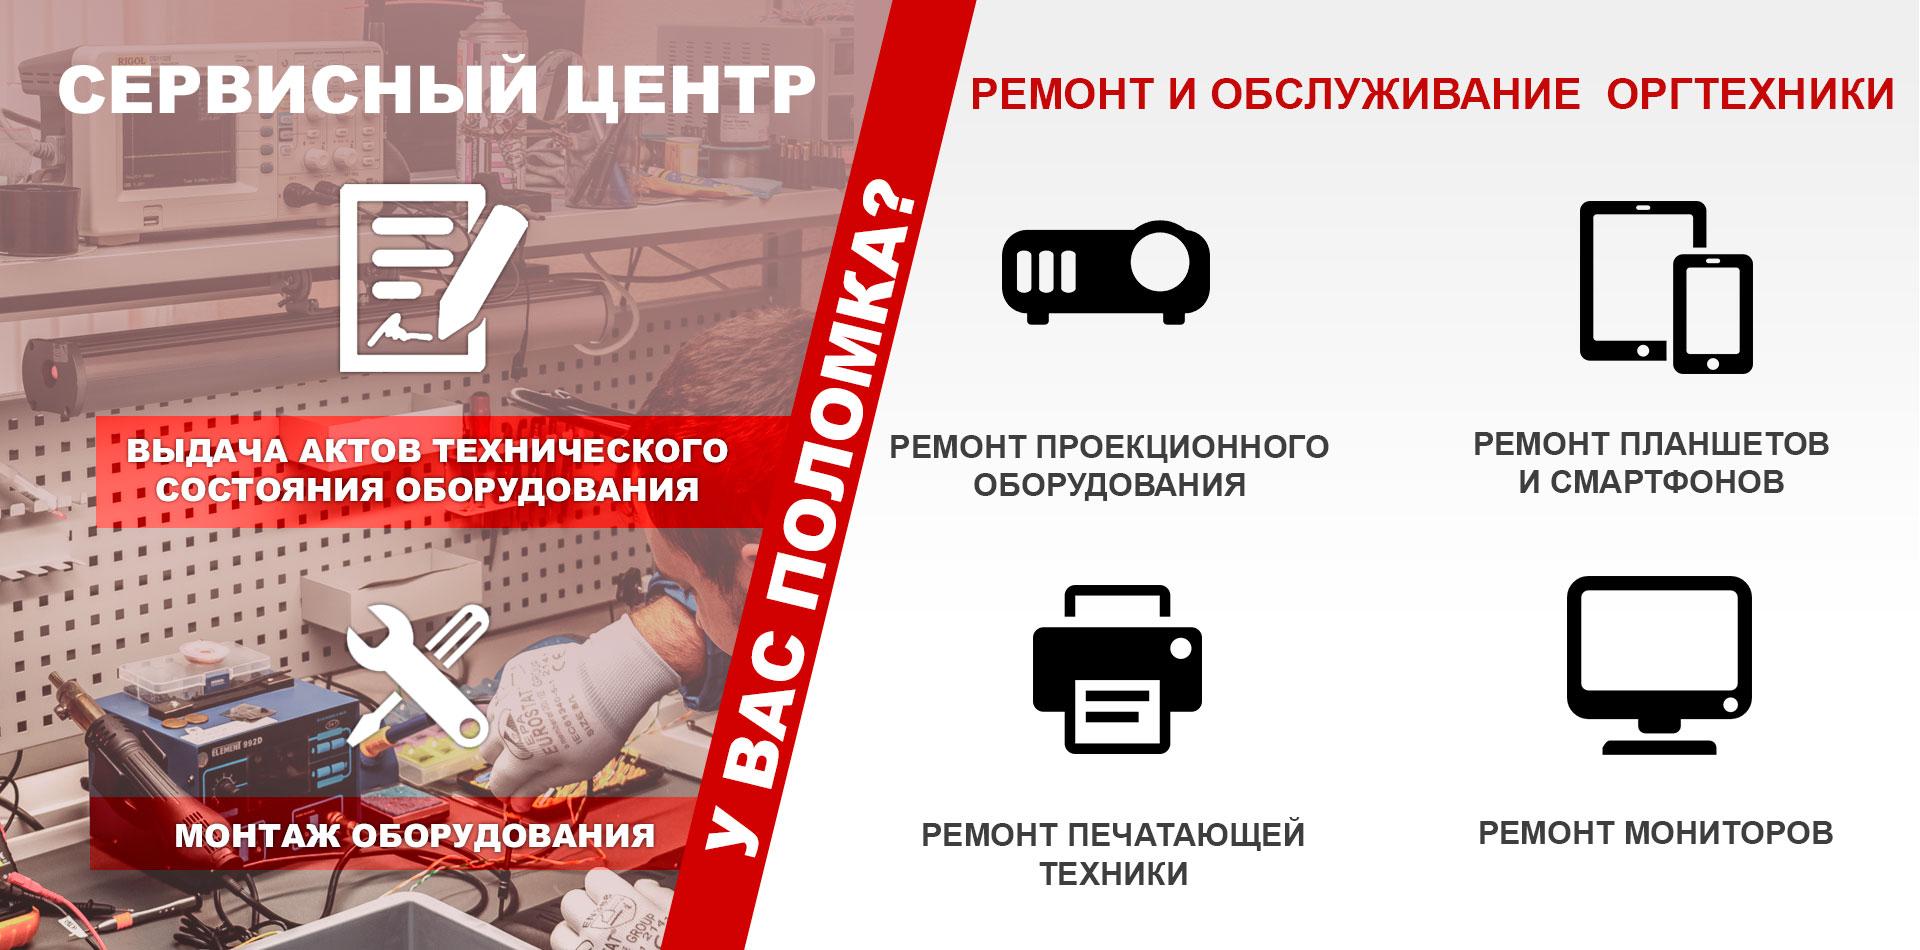 Ремонт  планшетов и смартфонов